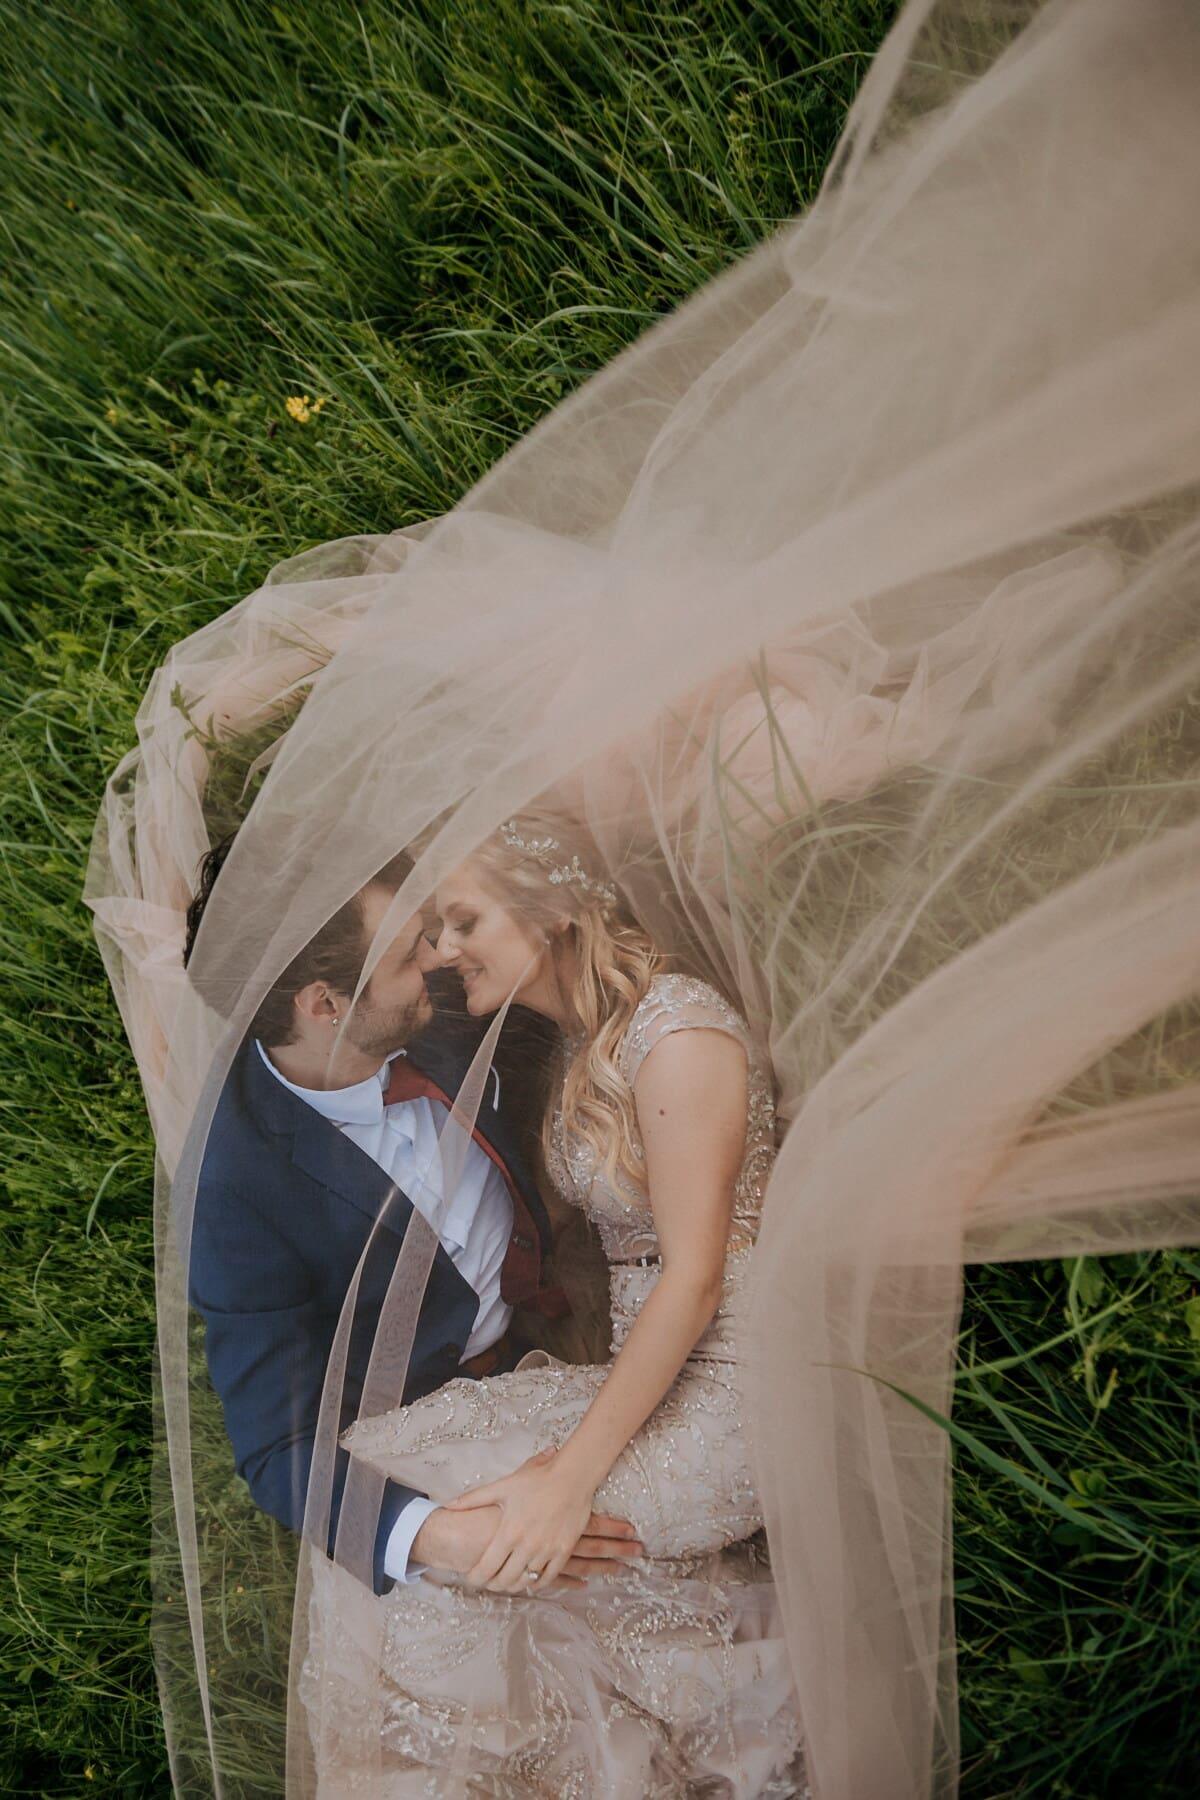 tout juste marié, baiser, jeune marié, la mariée, voile, portant, herbe, mariage, tente, amour